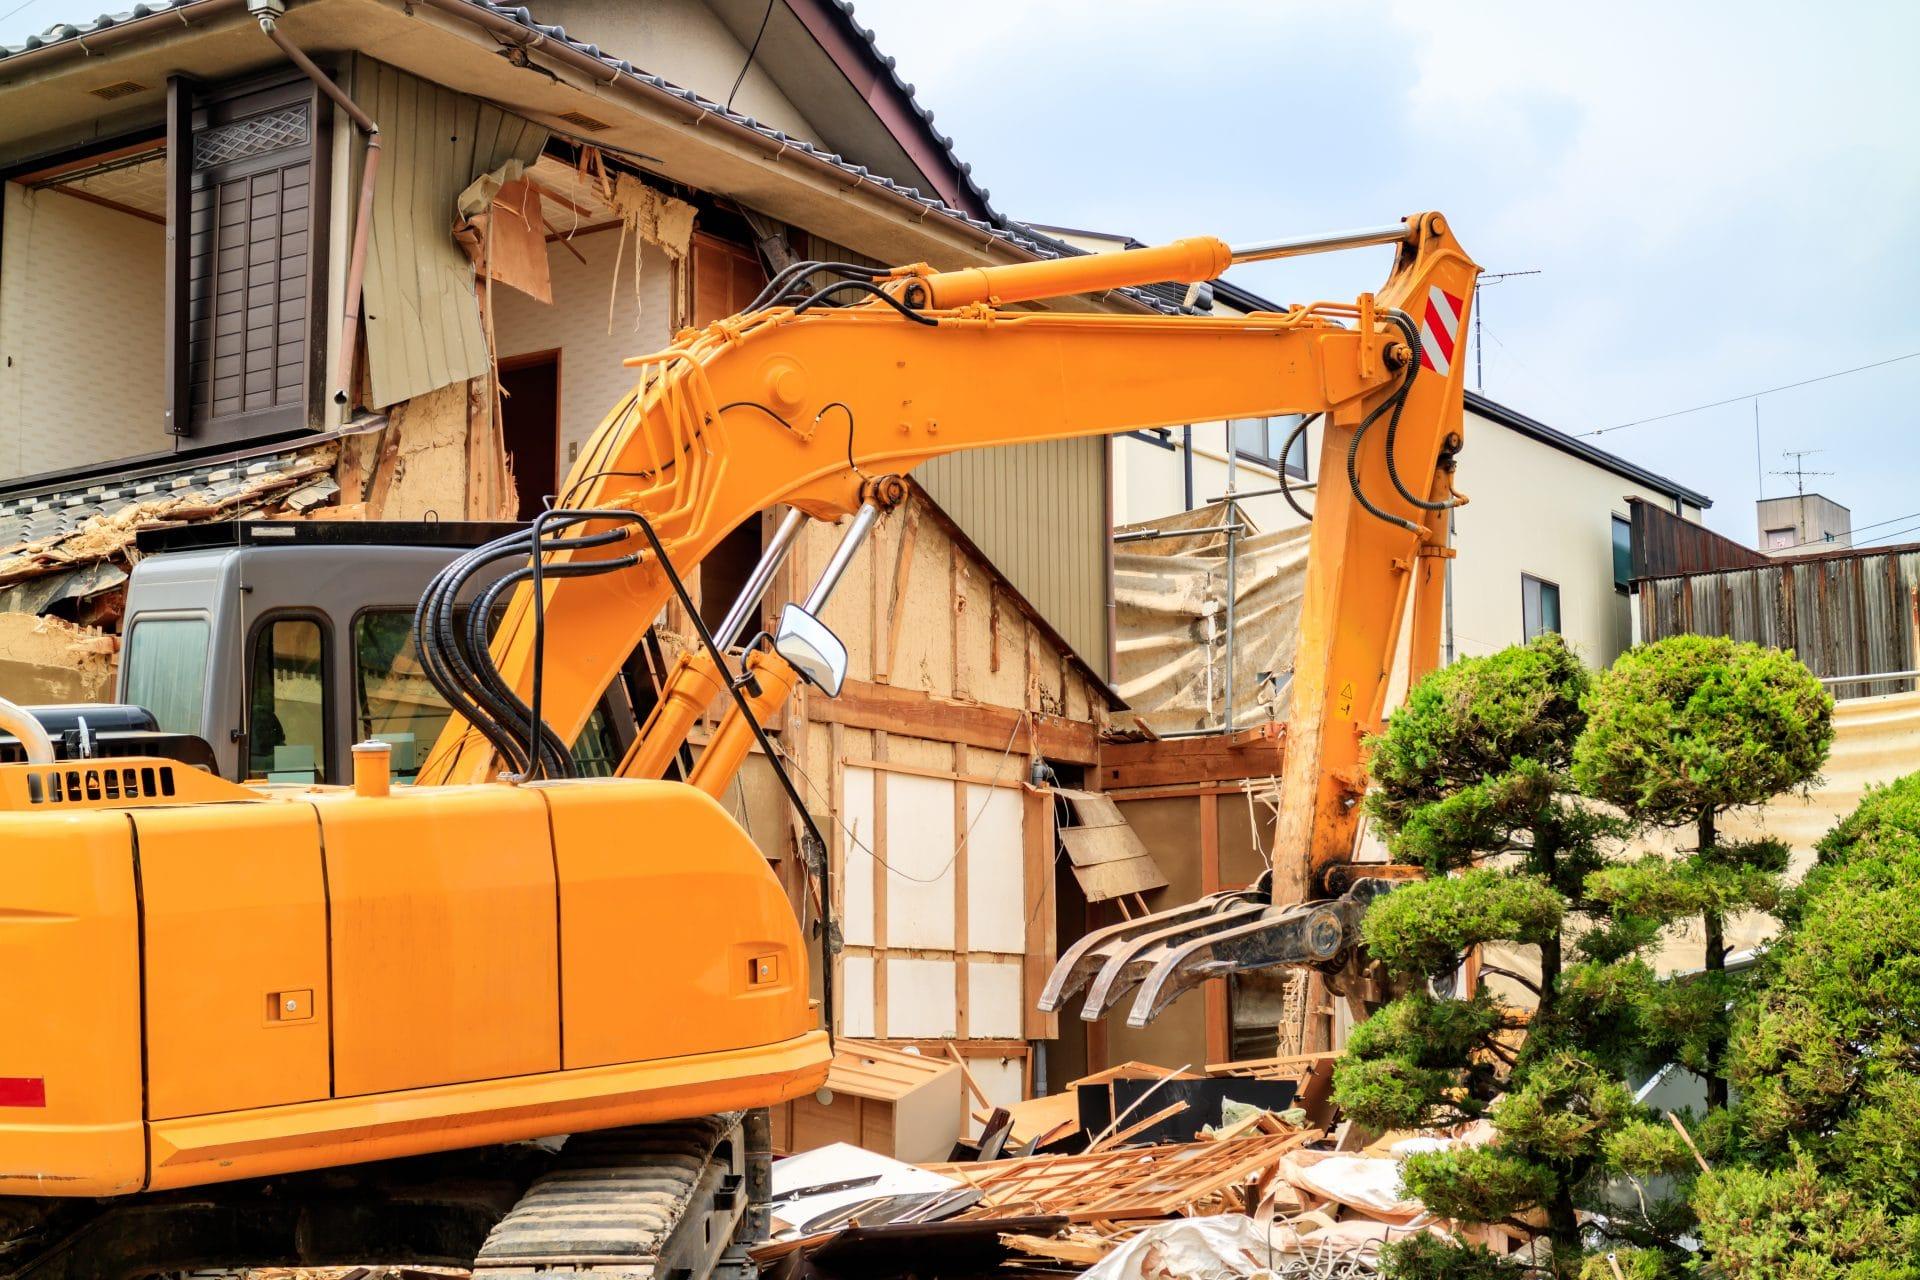 Démolition, détruire pour mieux reconstruire !